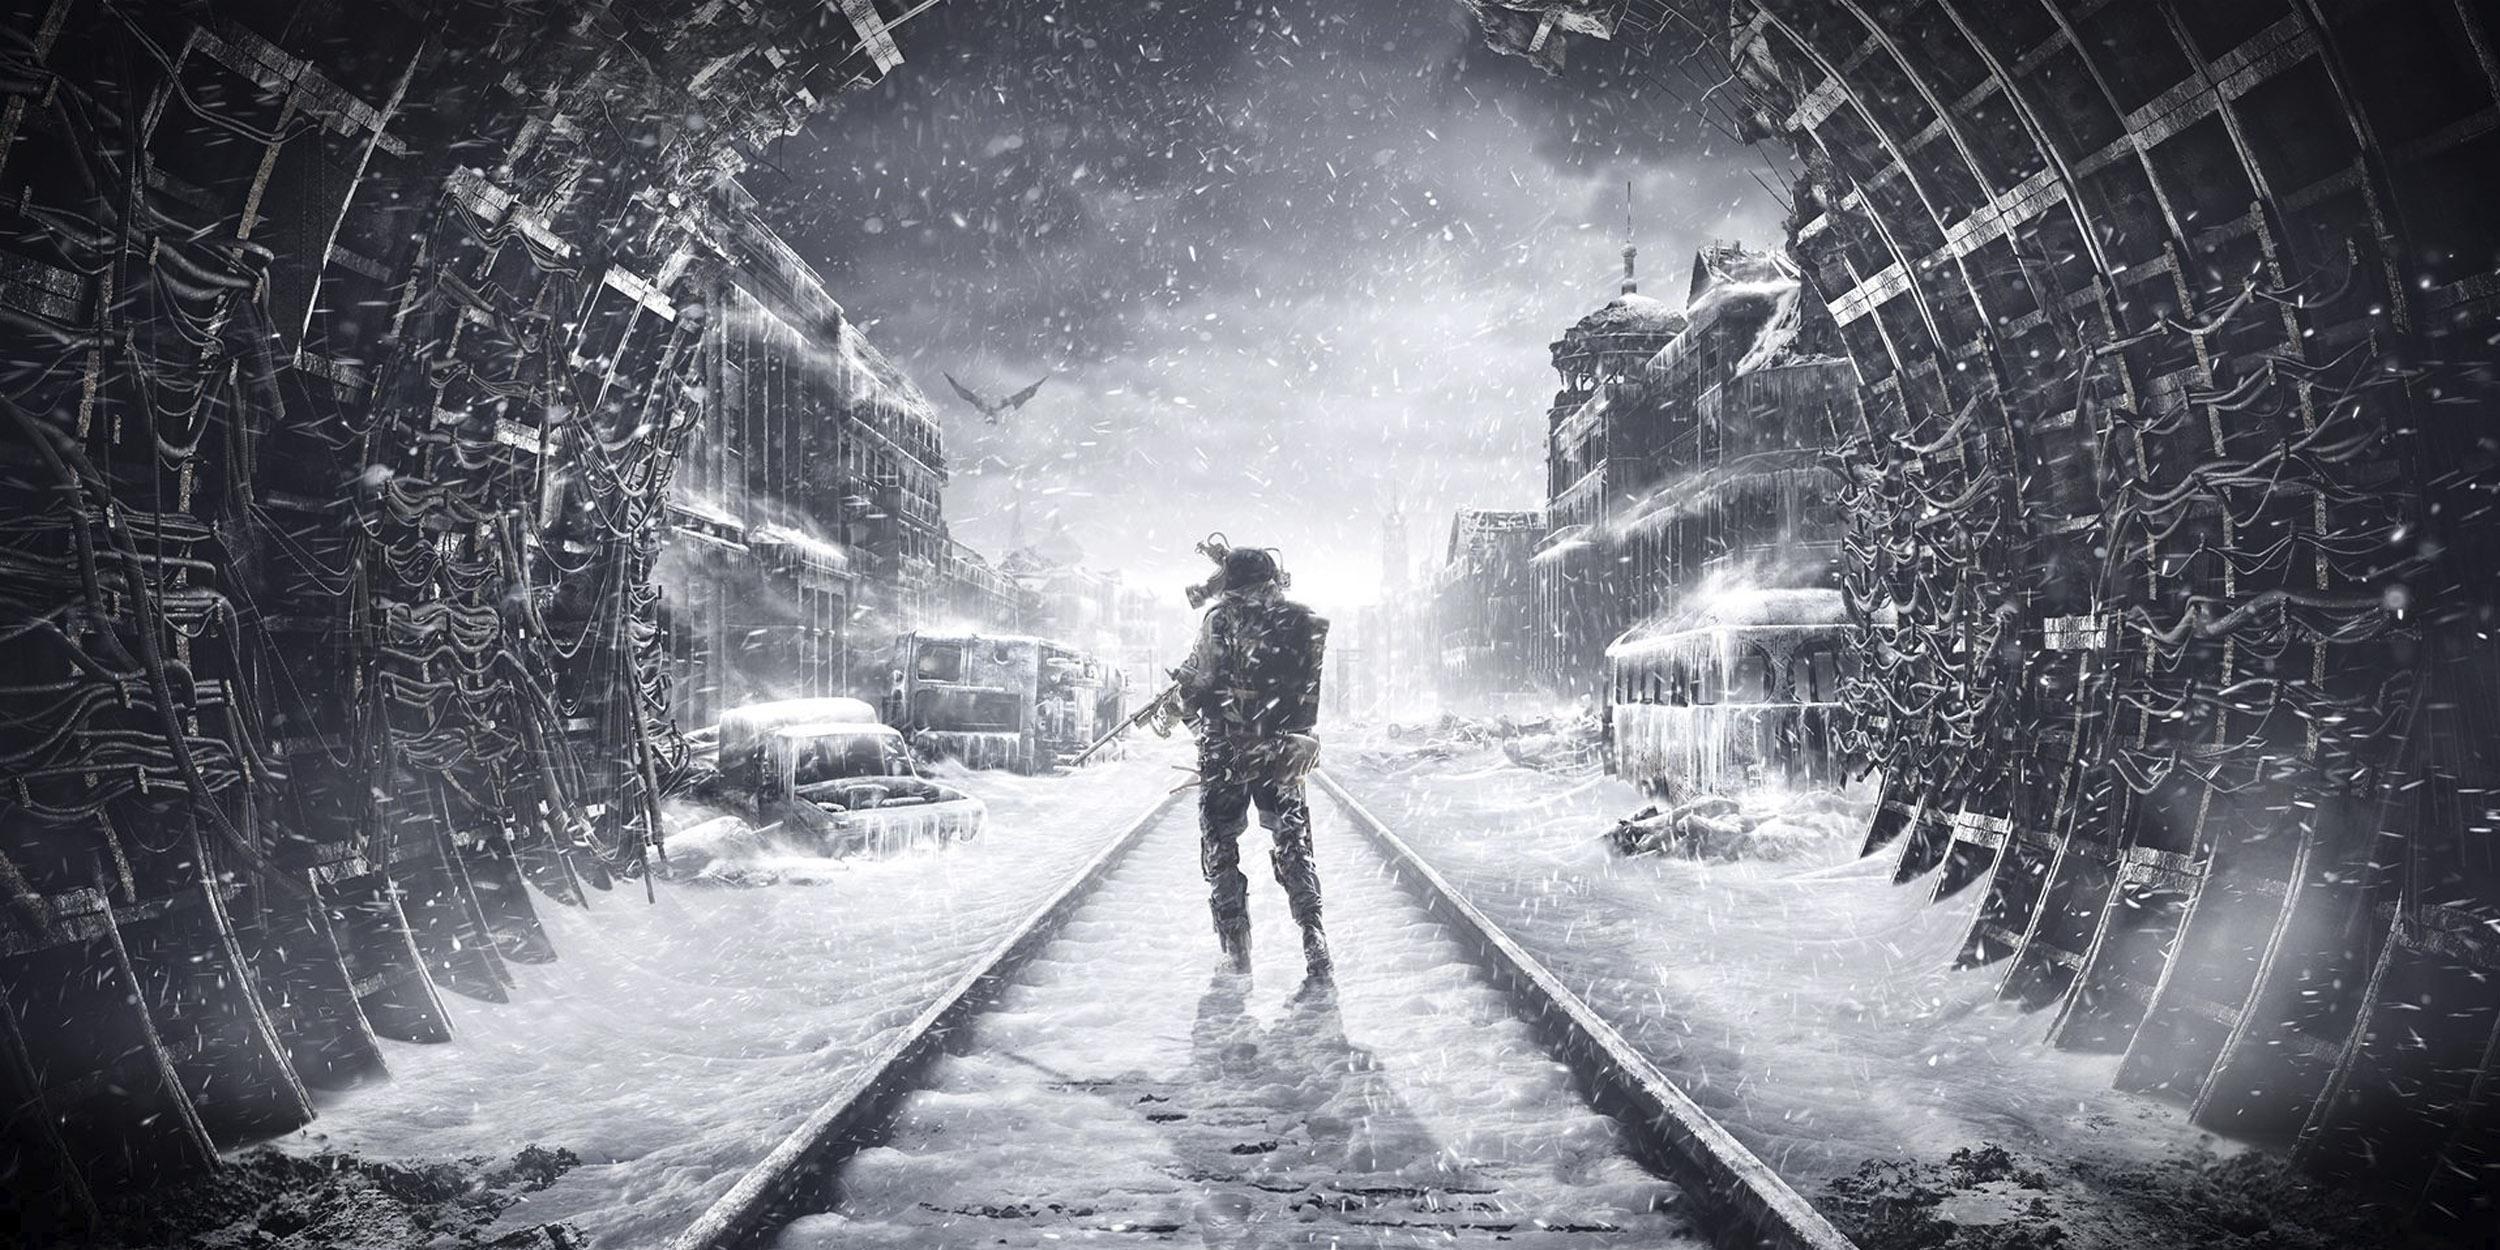 Полное издание «Метро: Исход» выйдет на PlayStation 5 и Xbox Series X S - 18 июня 2